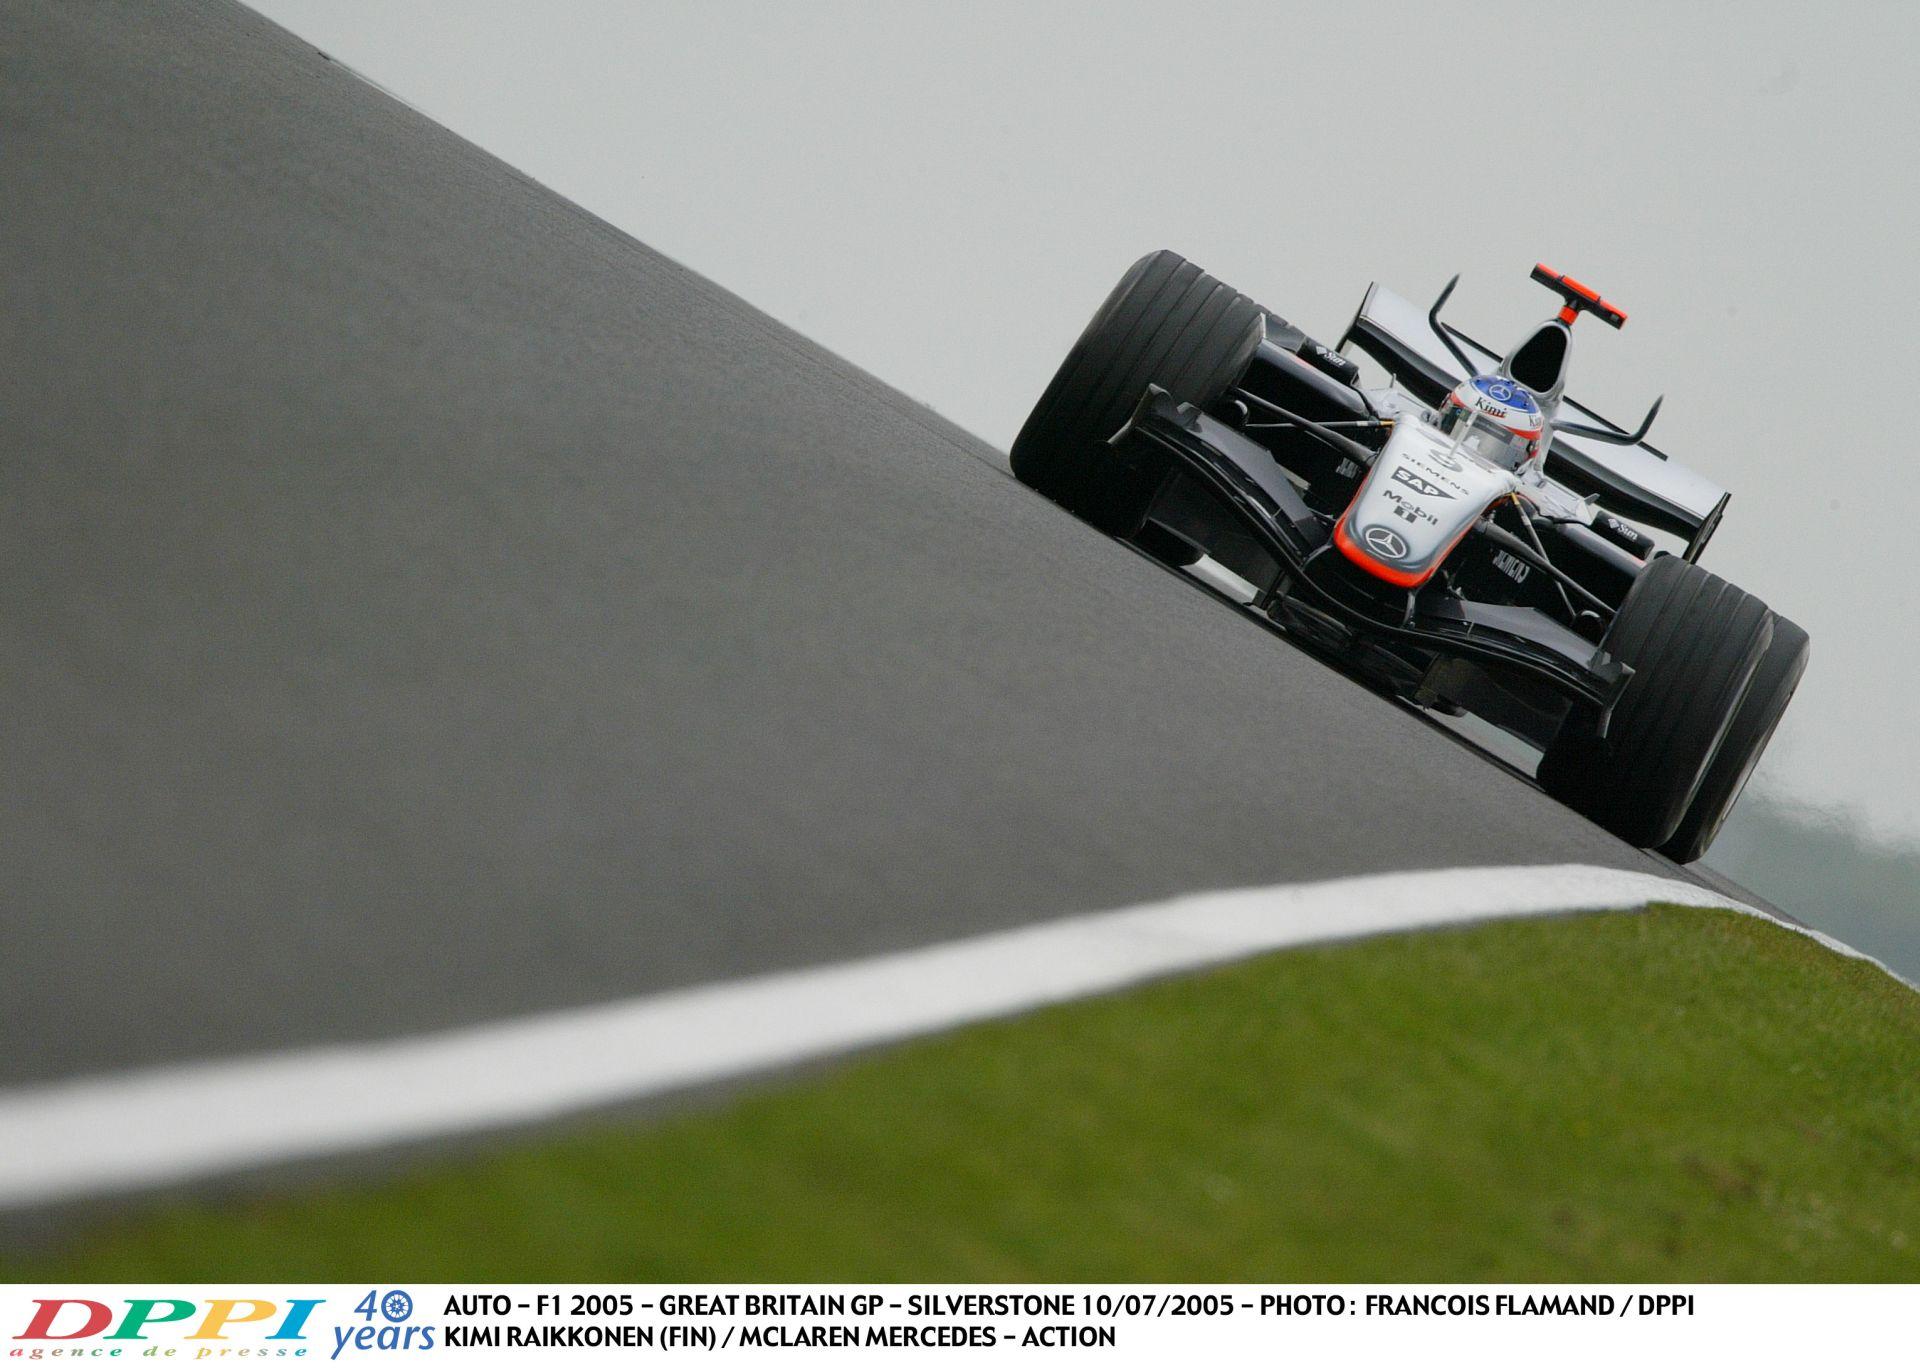 Egy fantasztikus kör Raikkönentől a McLarennel: Silverstone, 2005